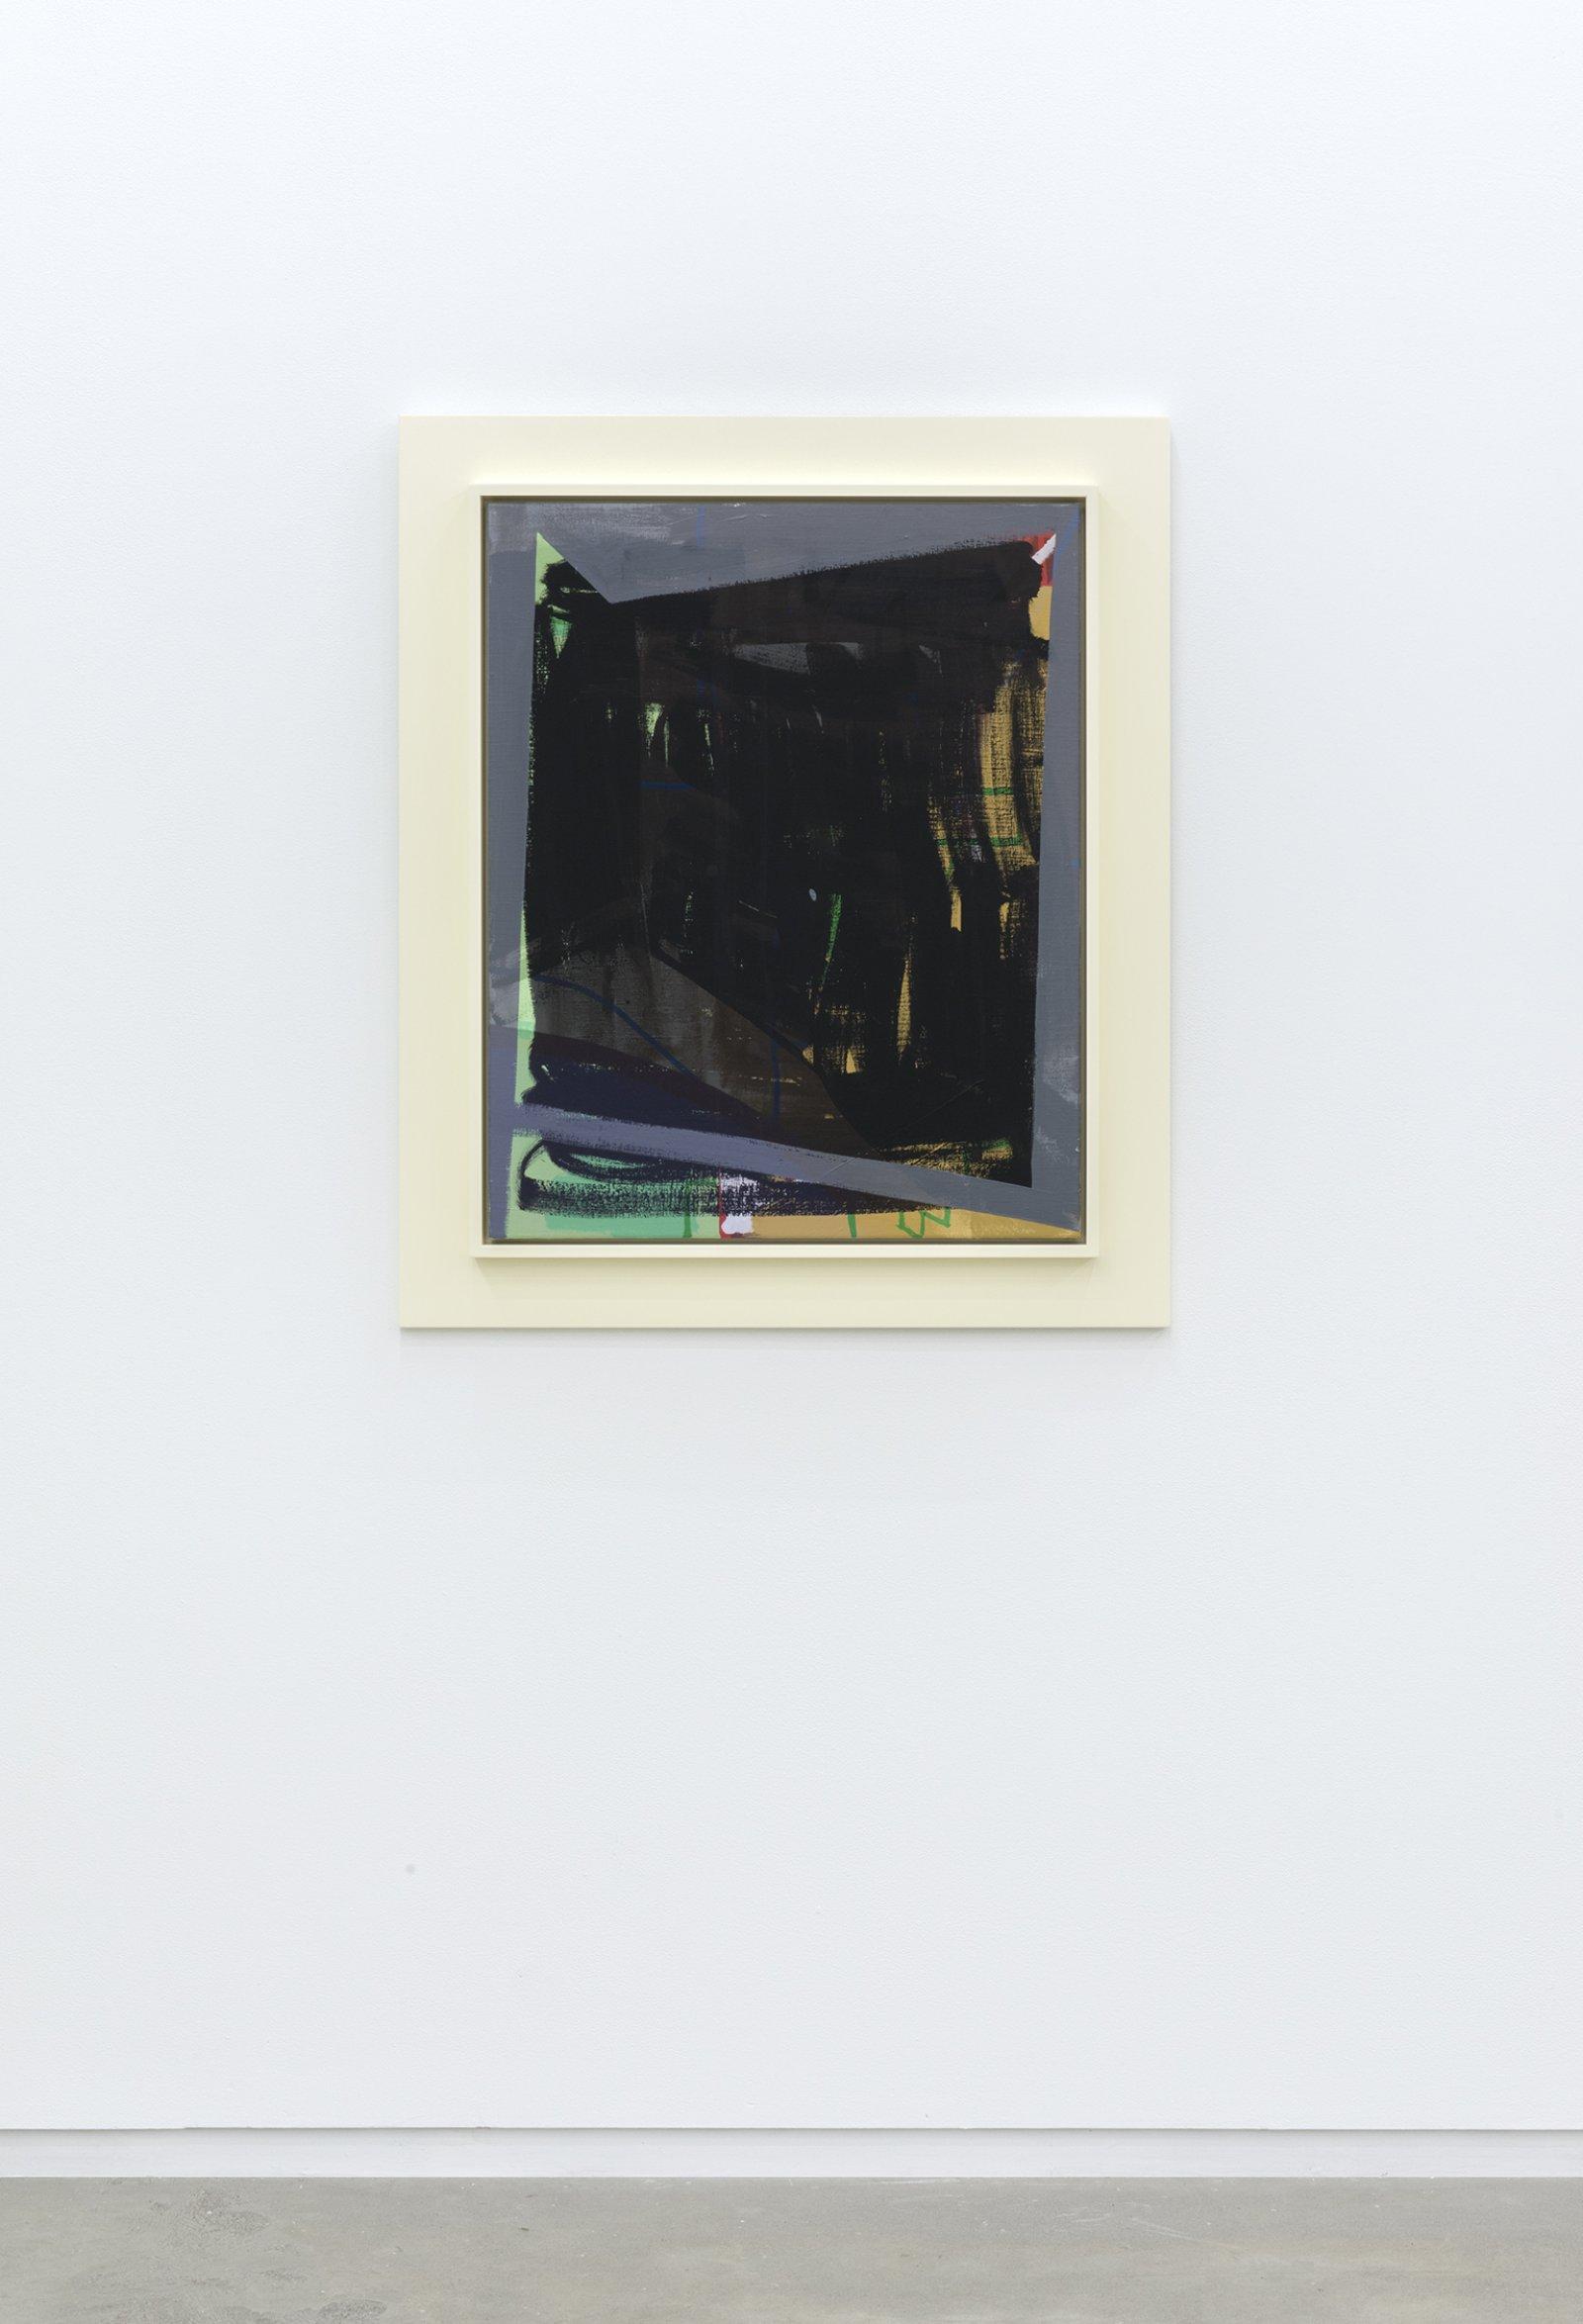 Damian Moppett, Untitled, 2013, oil on canvas, 38 x 32 in. (95 x 80 cm) by Damian Moppett